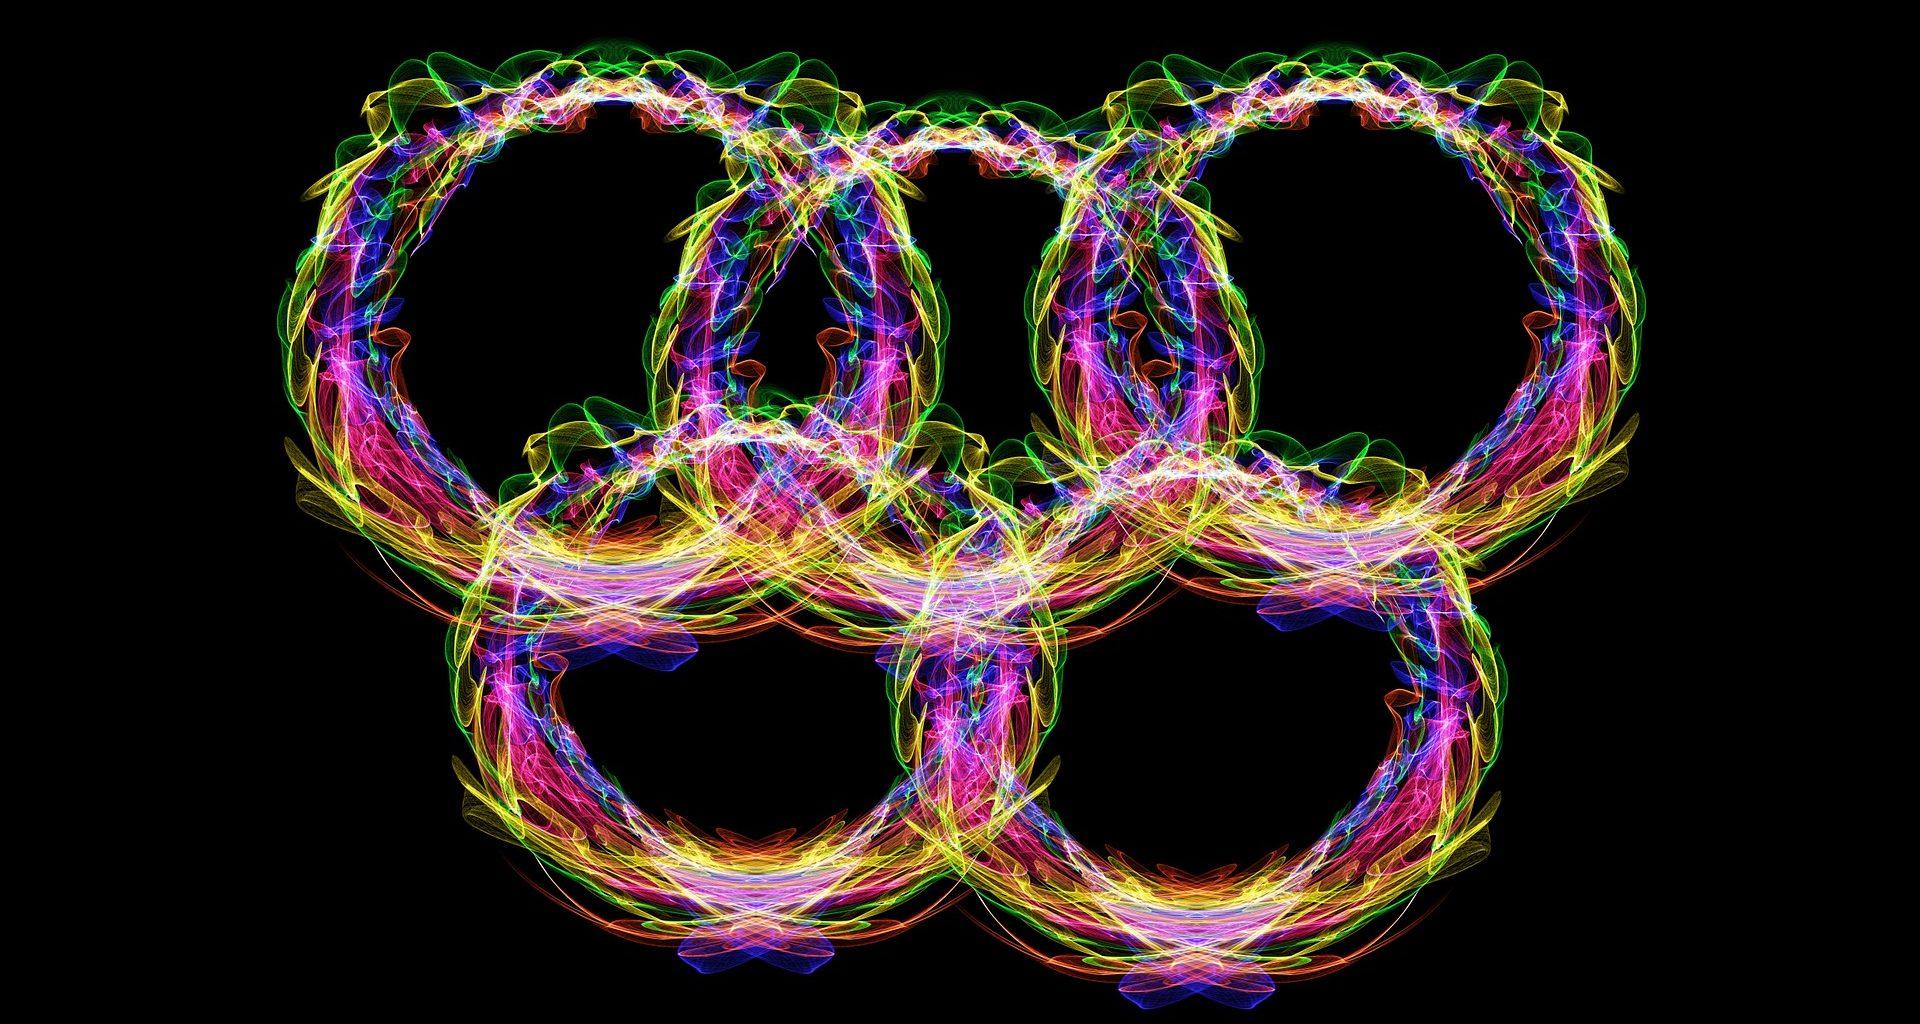 Fünf Olympiaringe aus buntem Neonlicht vor schwarzem Hintergrund